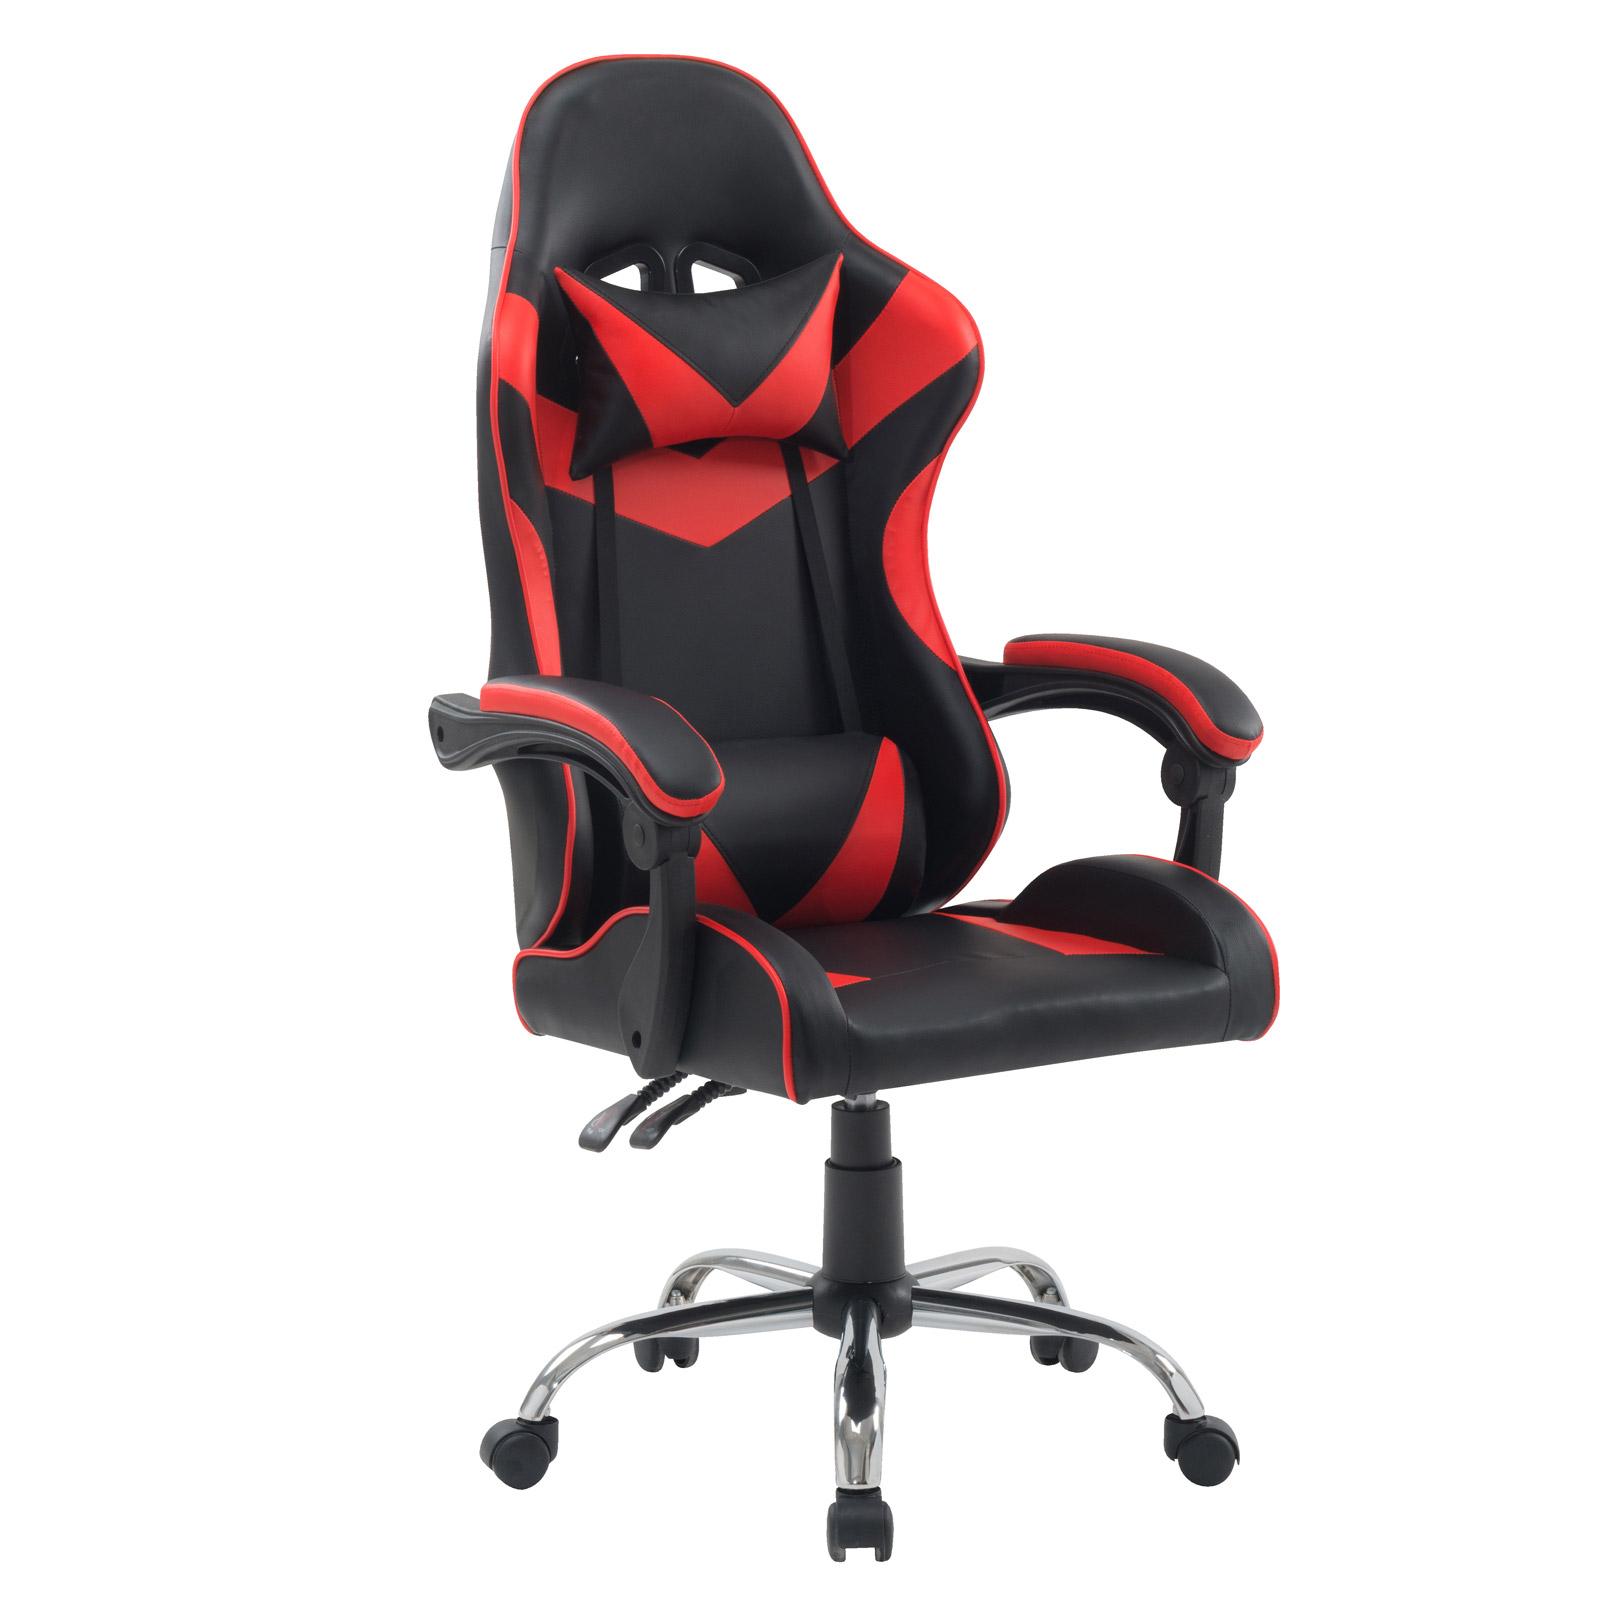 92122 SVITA Gaming Stuhl mit Lendenwirbelstütze Rot Schwarz